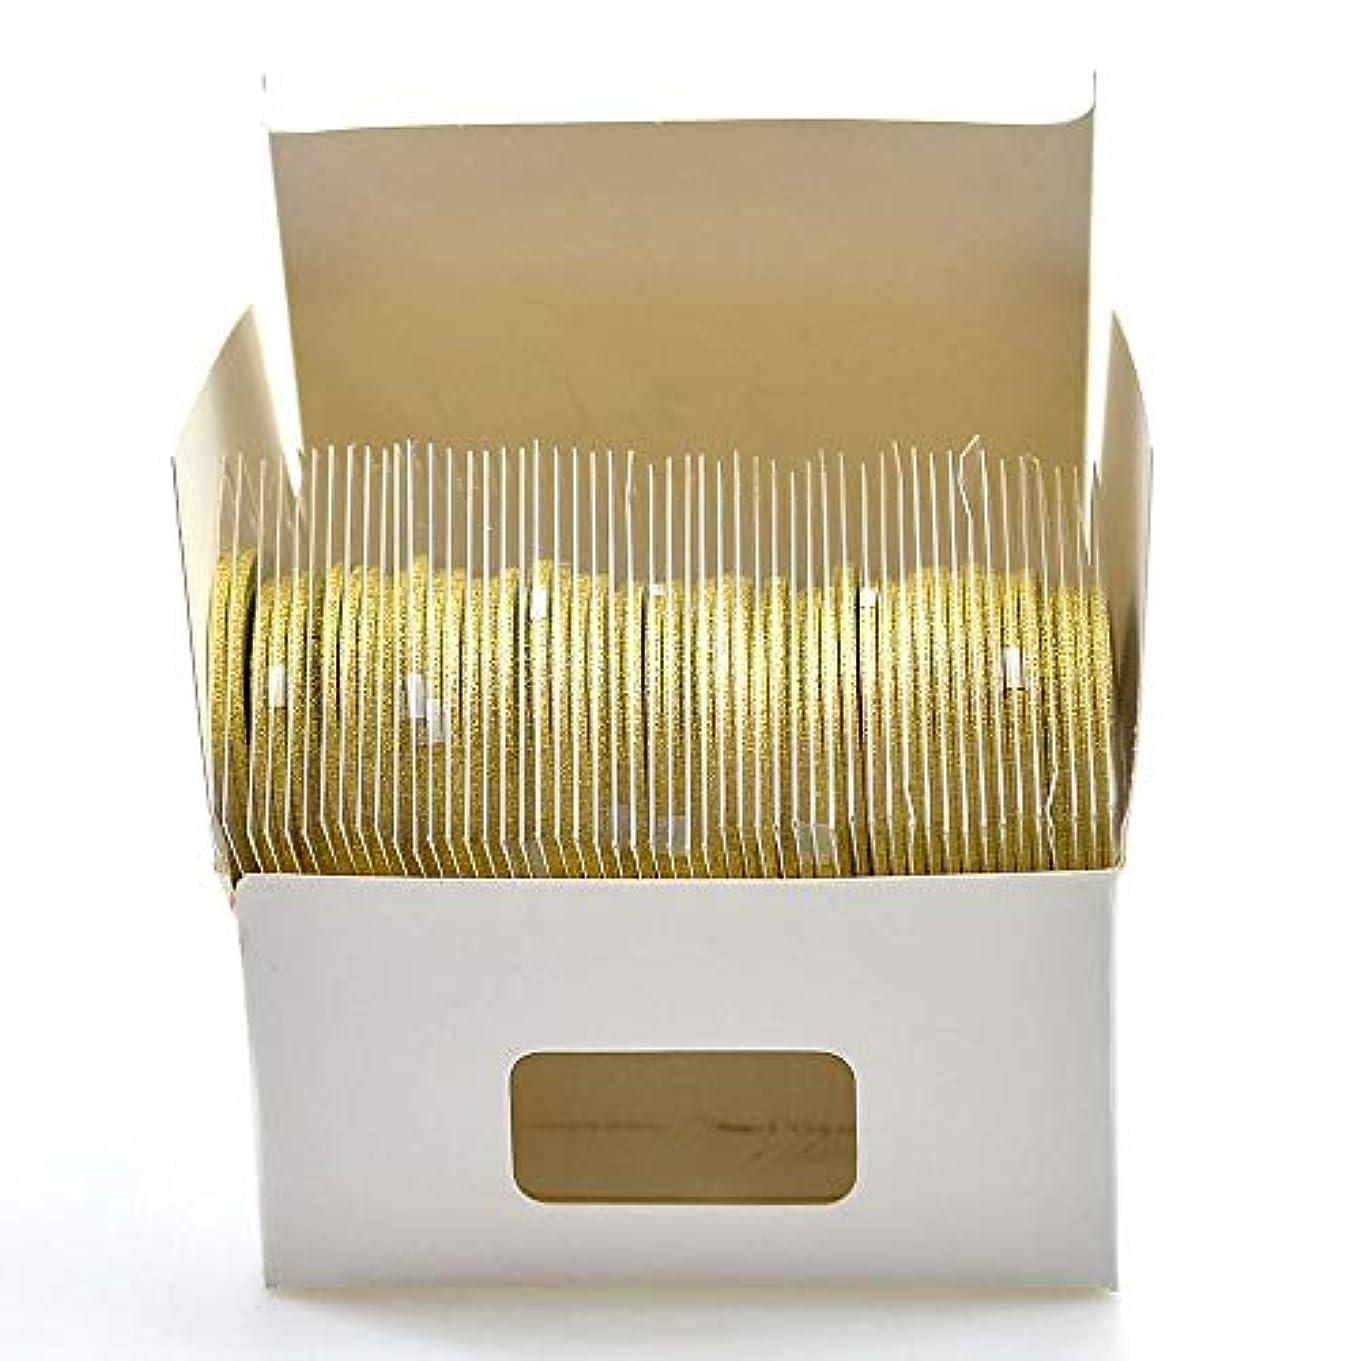 チェリー責怖がって死ぬSUKTI&XIAO ネイルステッカー 2Mm 50ロールネイルテープ輝くストライプラインアート装飾マニキュアストライプゴールドシルバーキラキラ、ゴールド